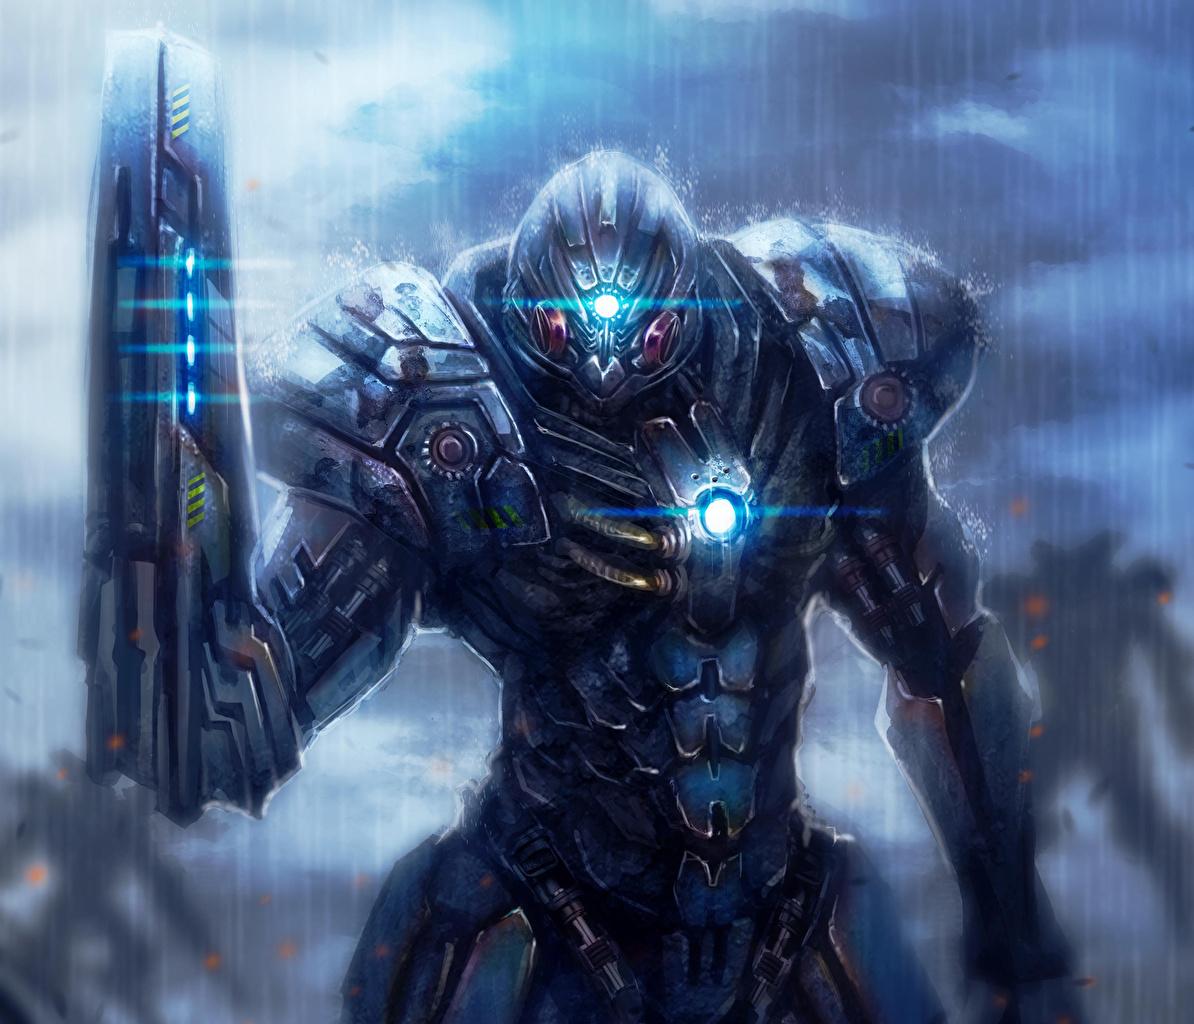 Seu Deus Está Morto! - As Desventuras entre o Cavaleiro da Morte e o Juiz do Inferno 423219-Kycb